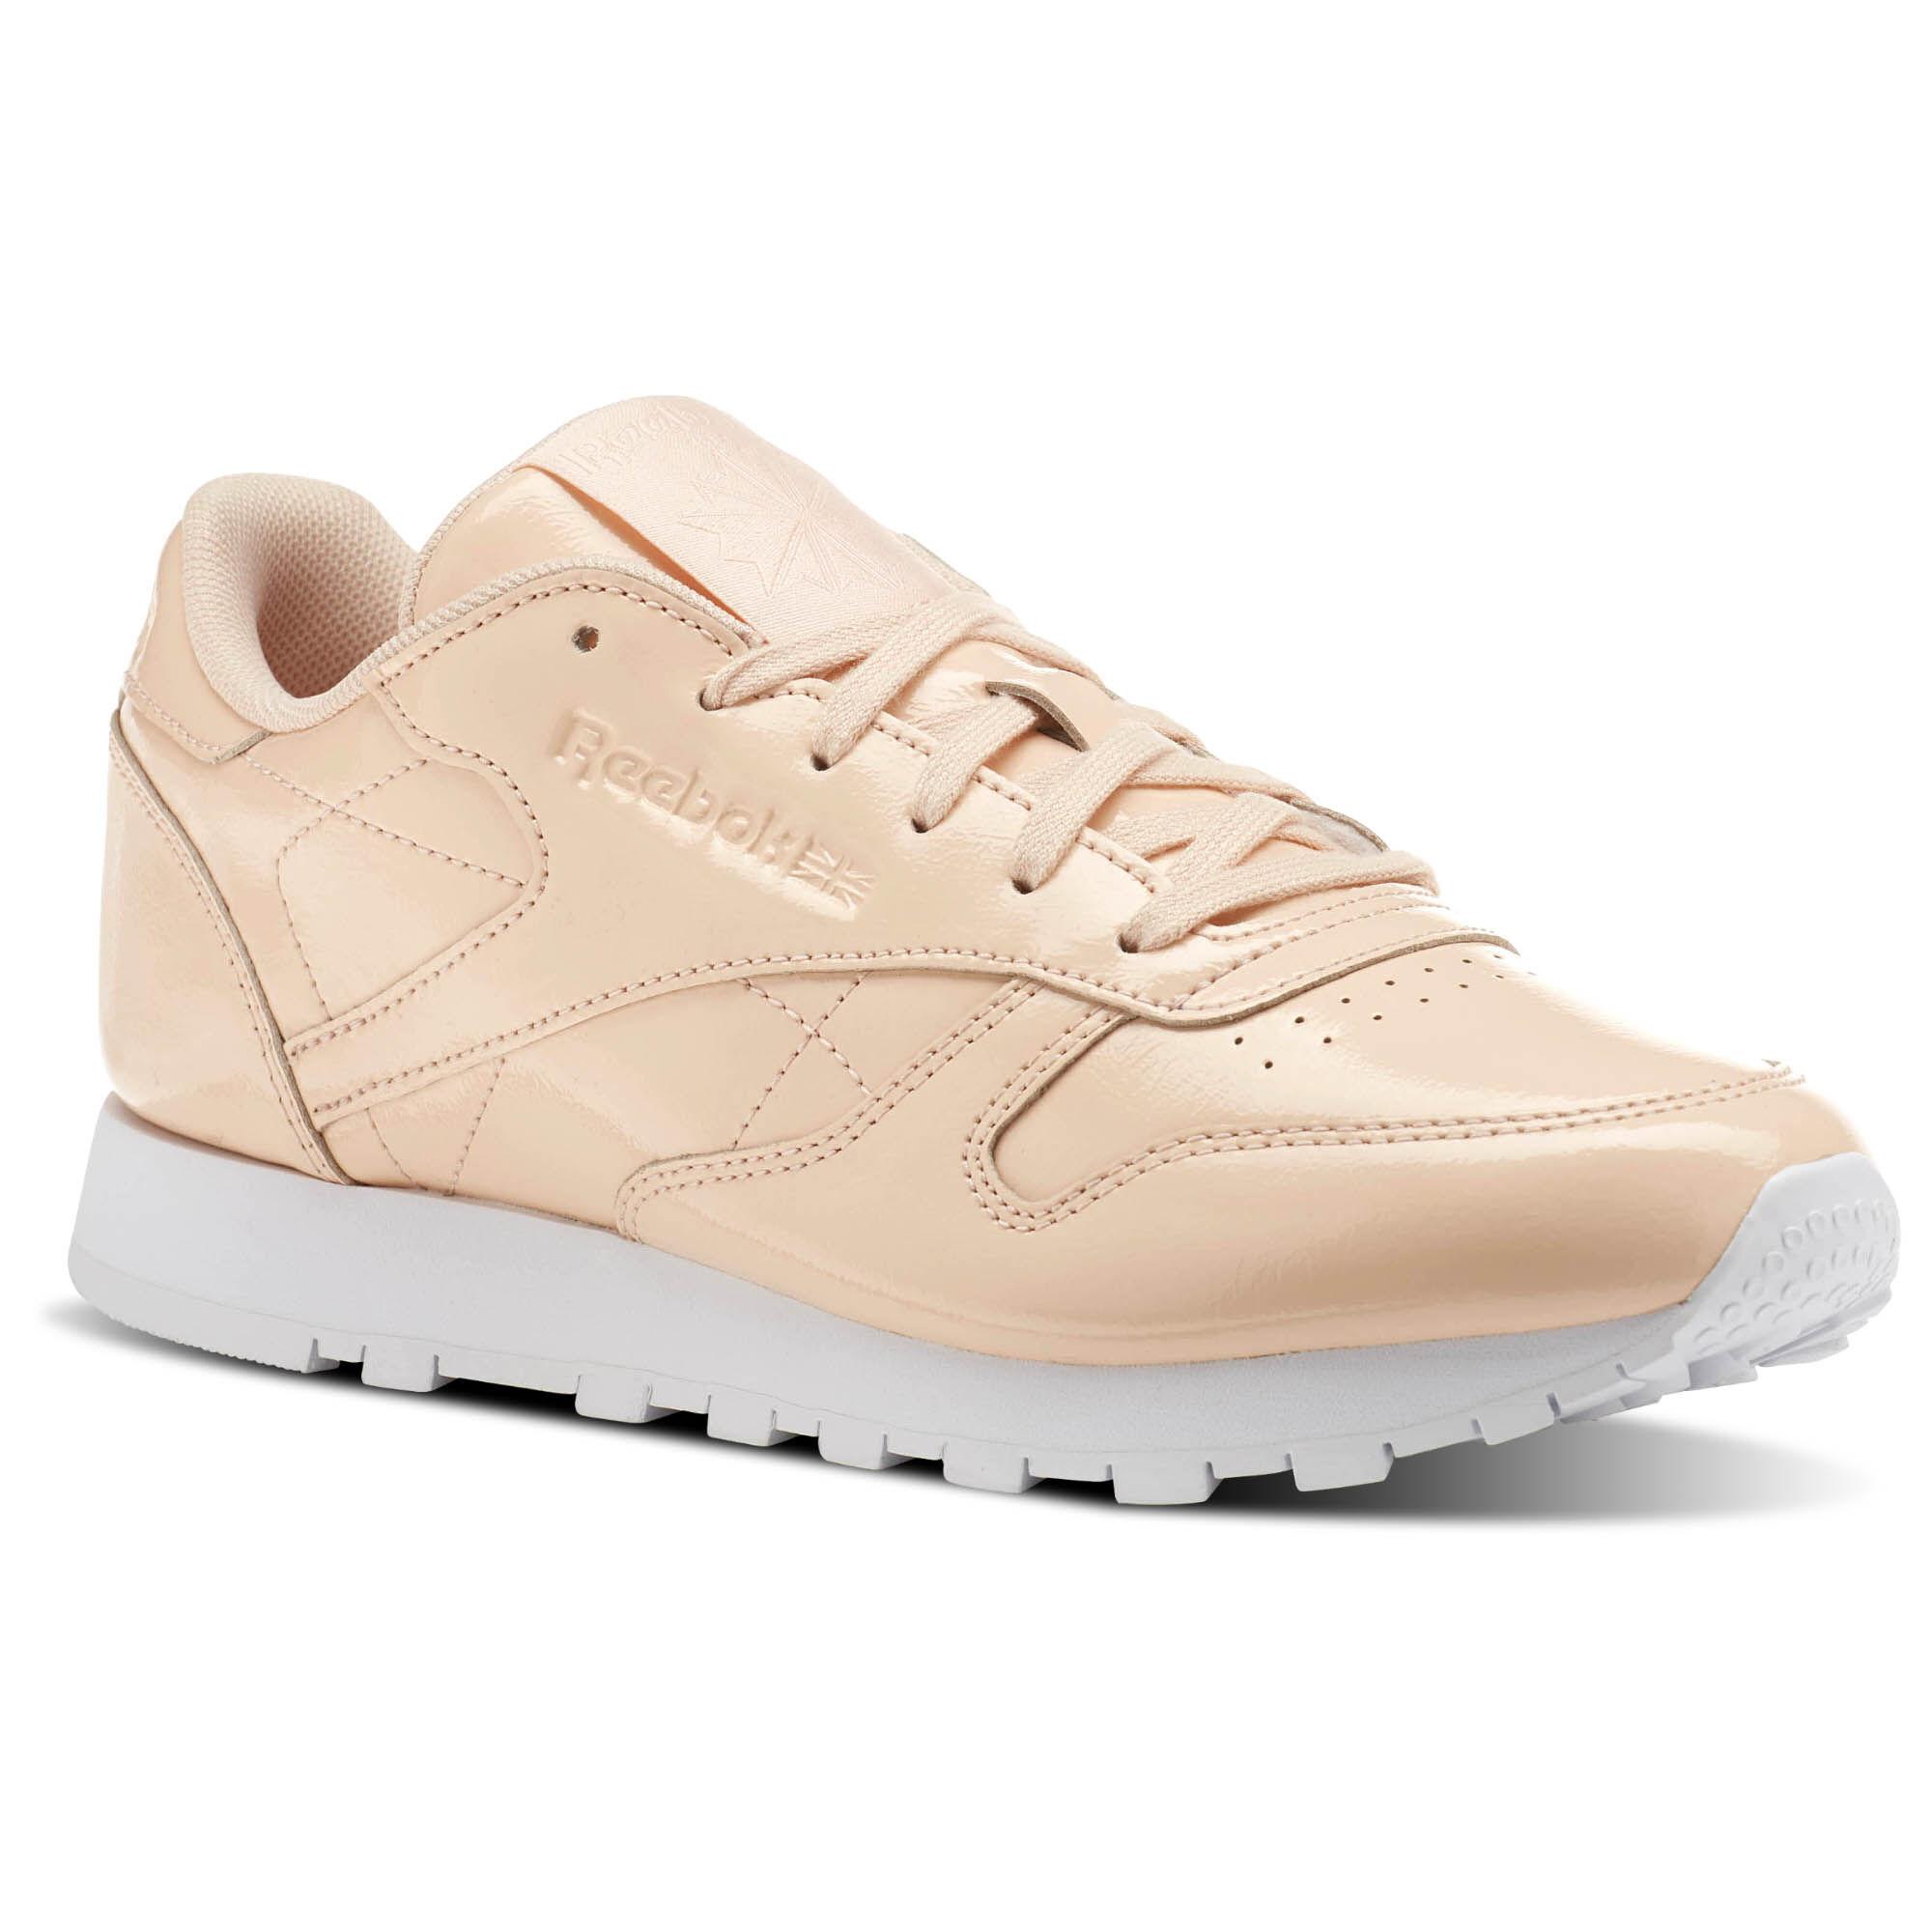 Reebok Damen Sneaker Sneaker Classic Leather Patent W white white odgVquN